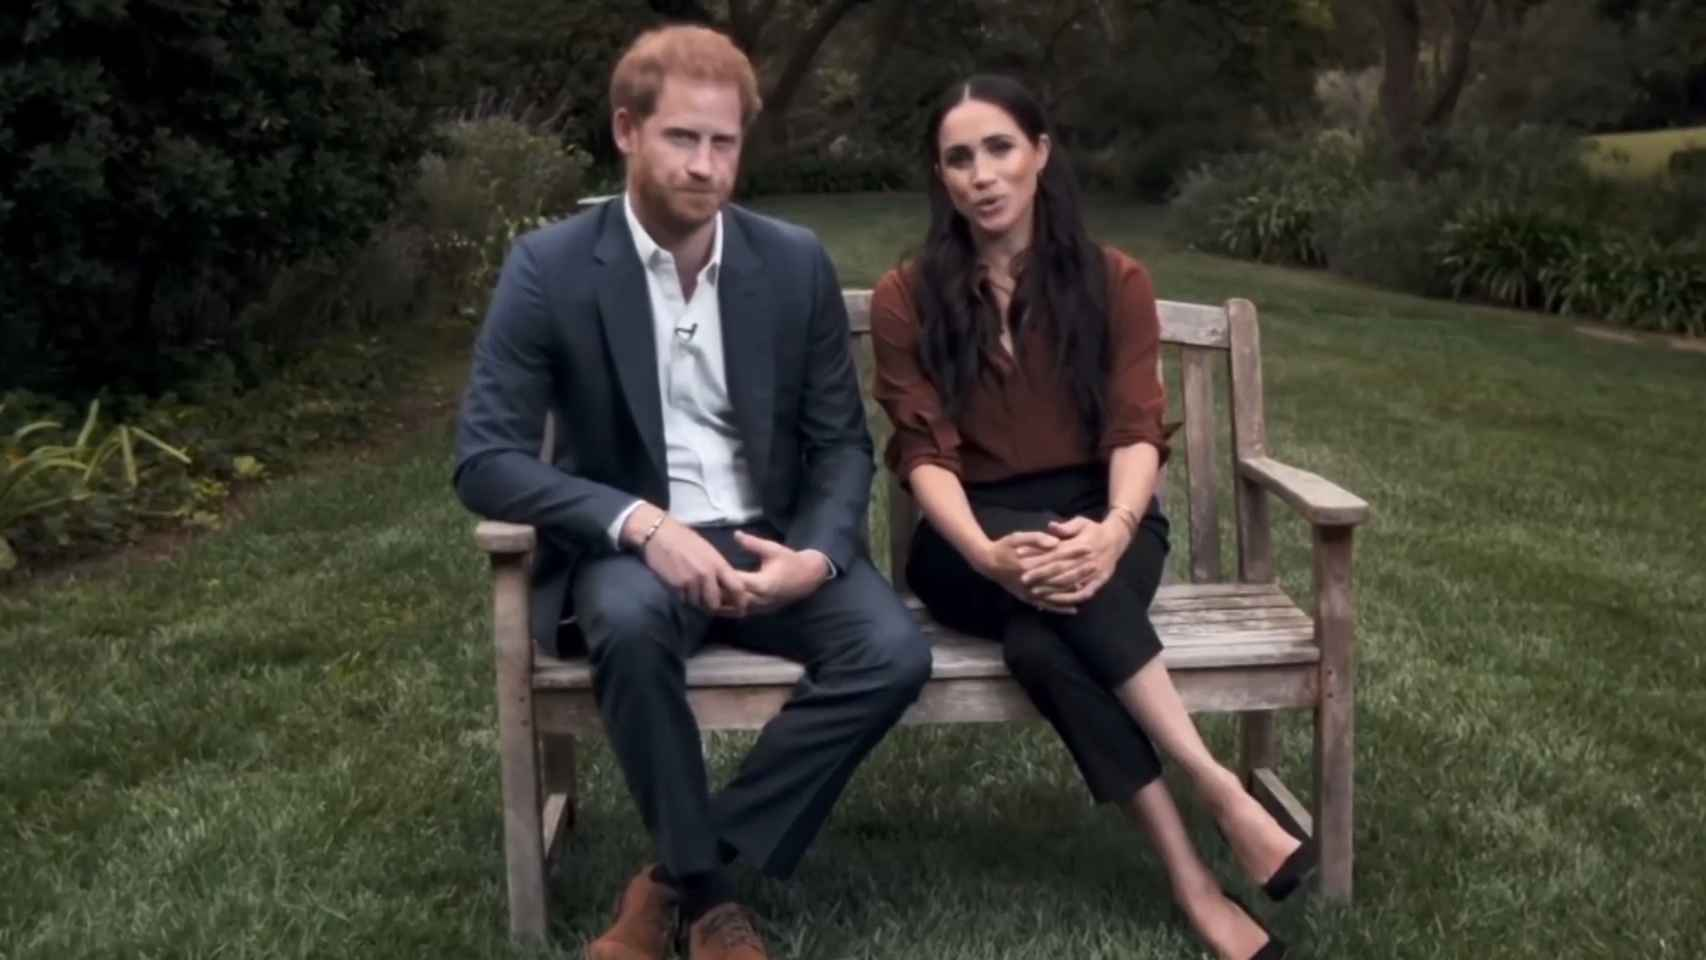 Las duras palabra de Meghan Markle hacia la Casa Real británica